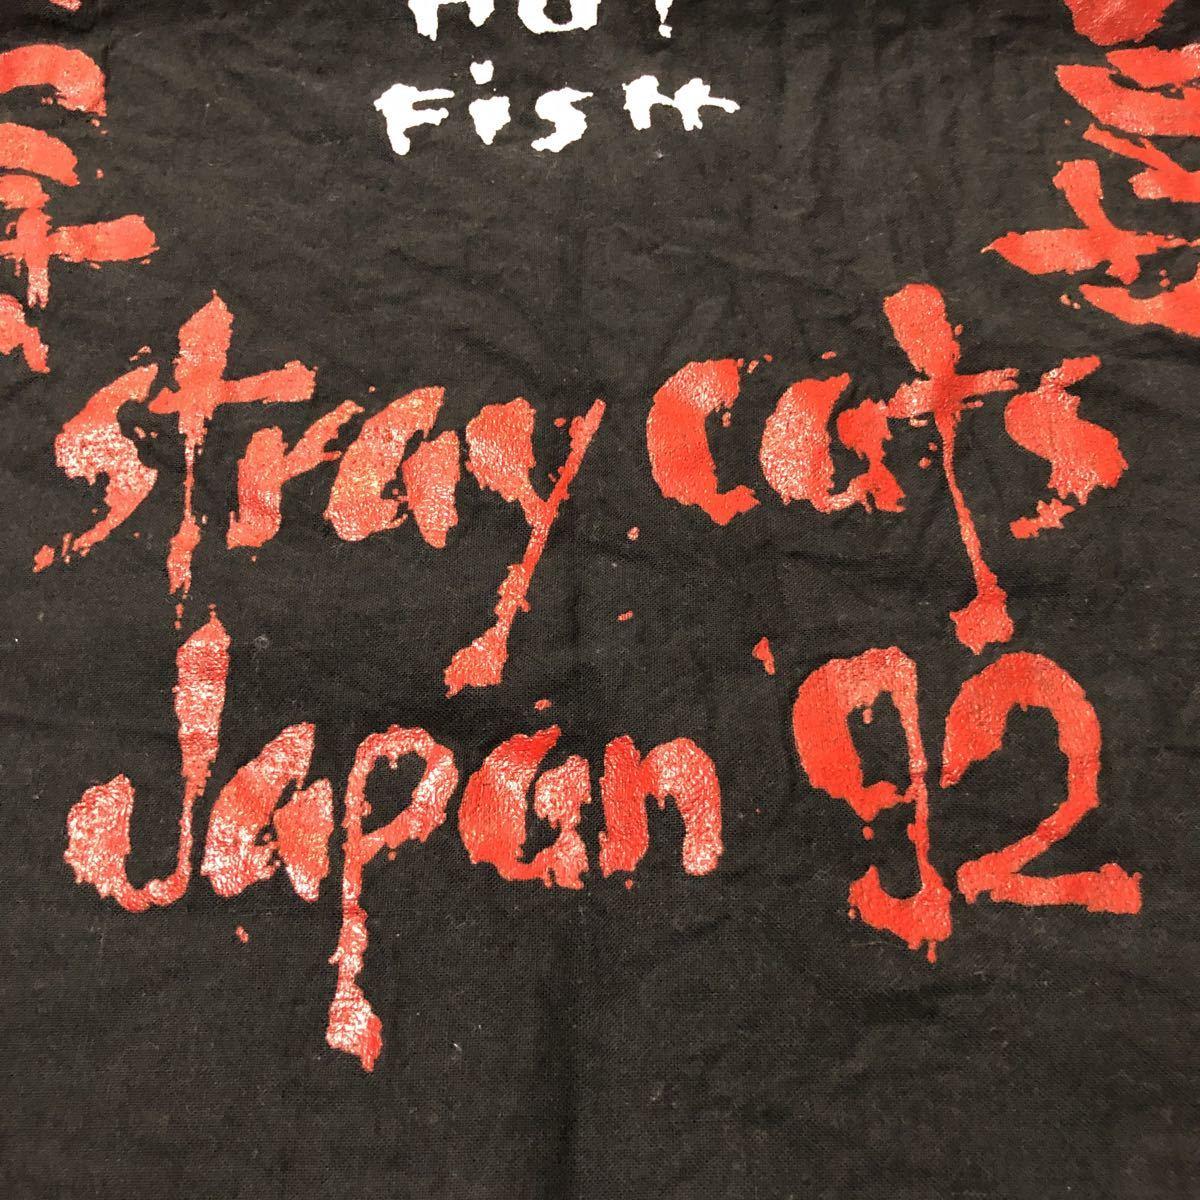 激レア 希少 ストレイキャッツ stray cats 92年 バンダナ choo choo HOT Fish チューチューホットフィッシュ ロカビリー バンド ツアー 黒_画像7